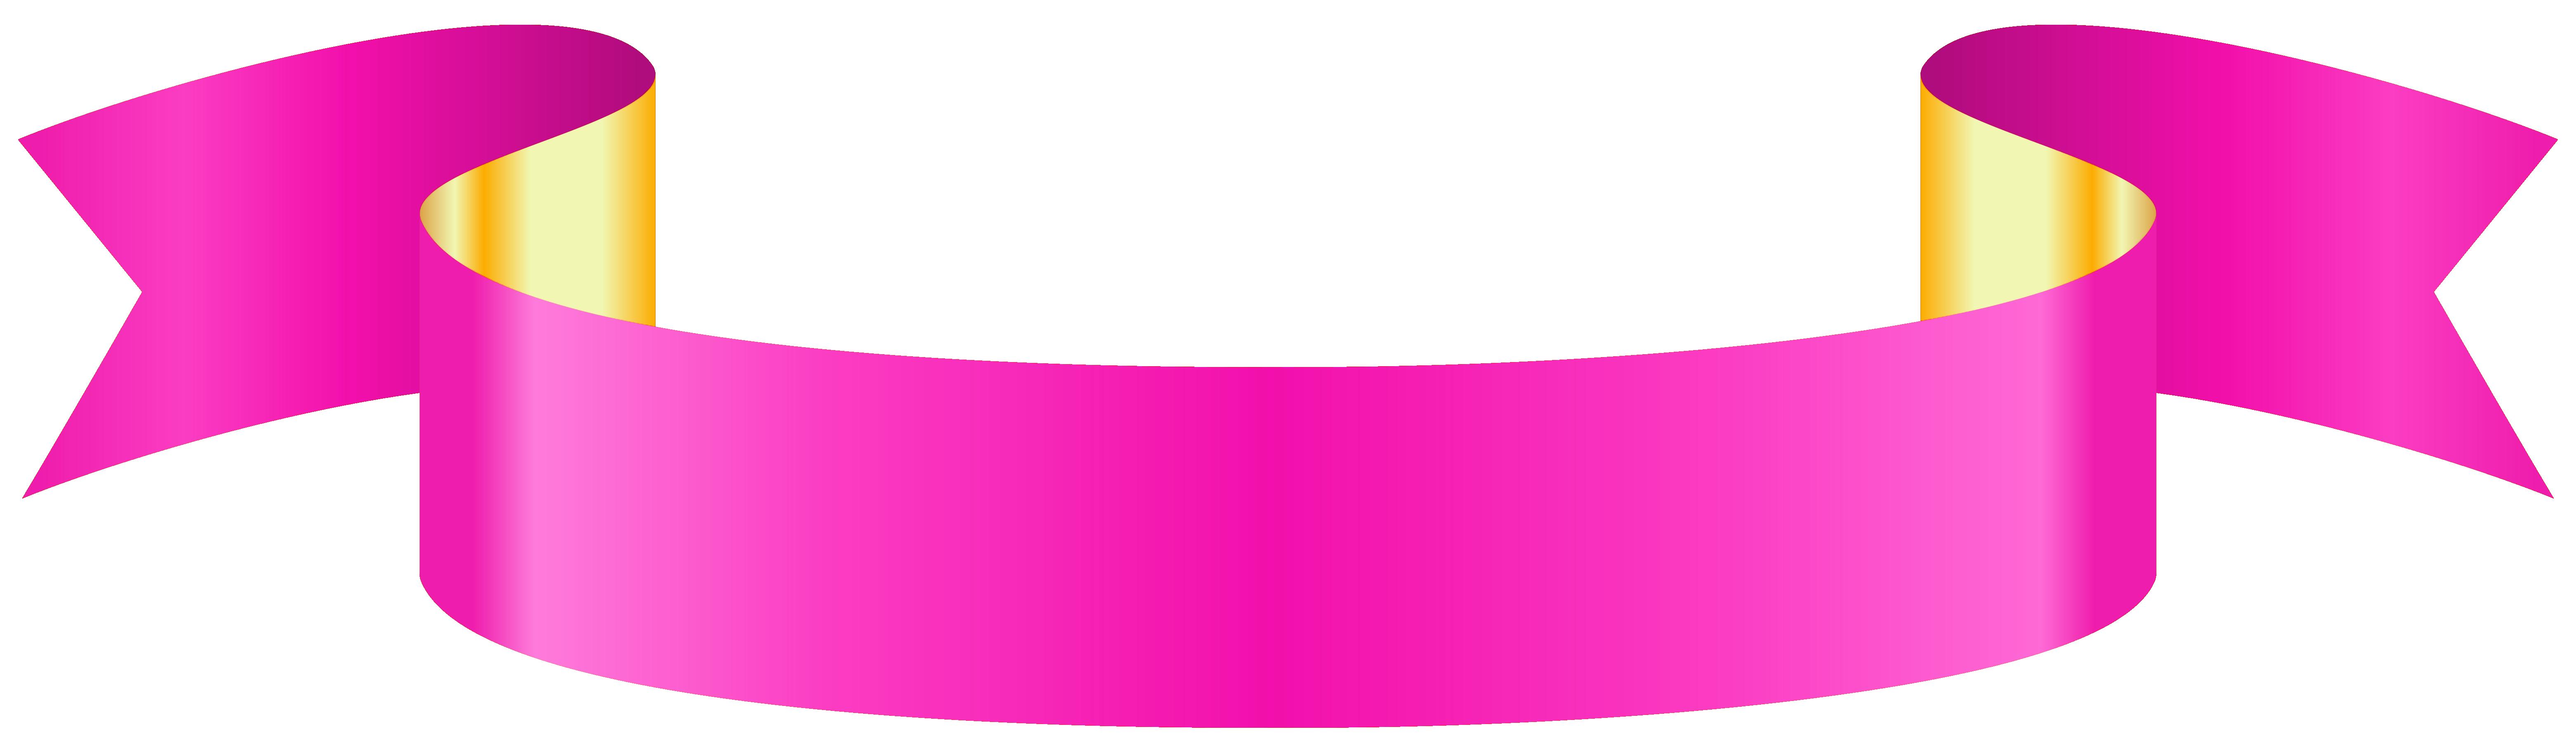 Pink Banner Transparent Png Clip Art Image Clip Art Free Clip Art Art Images